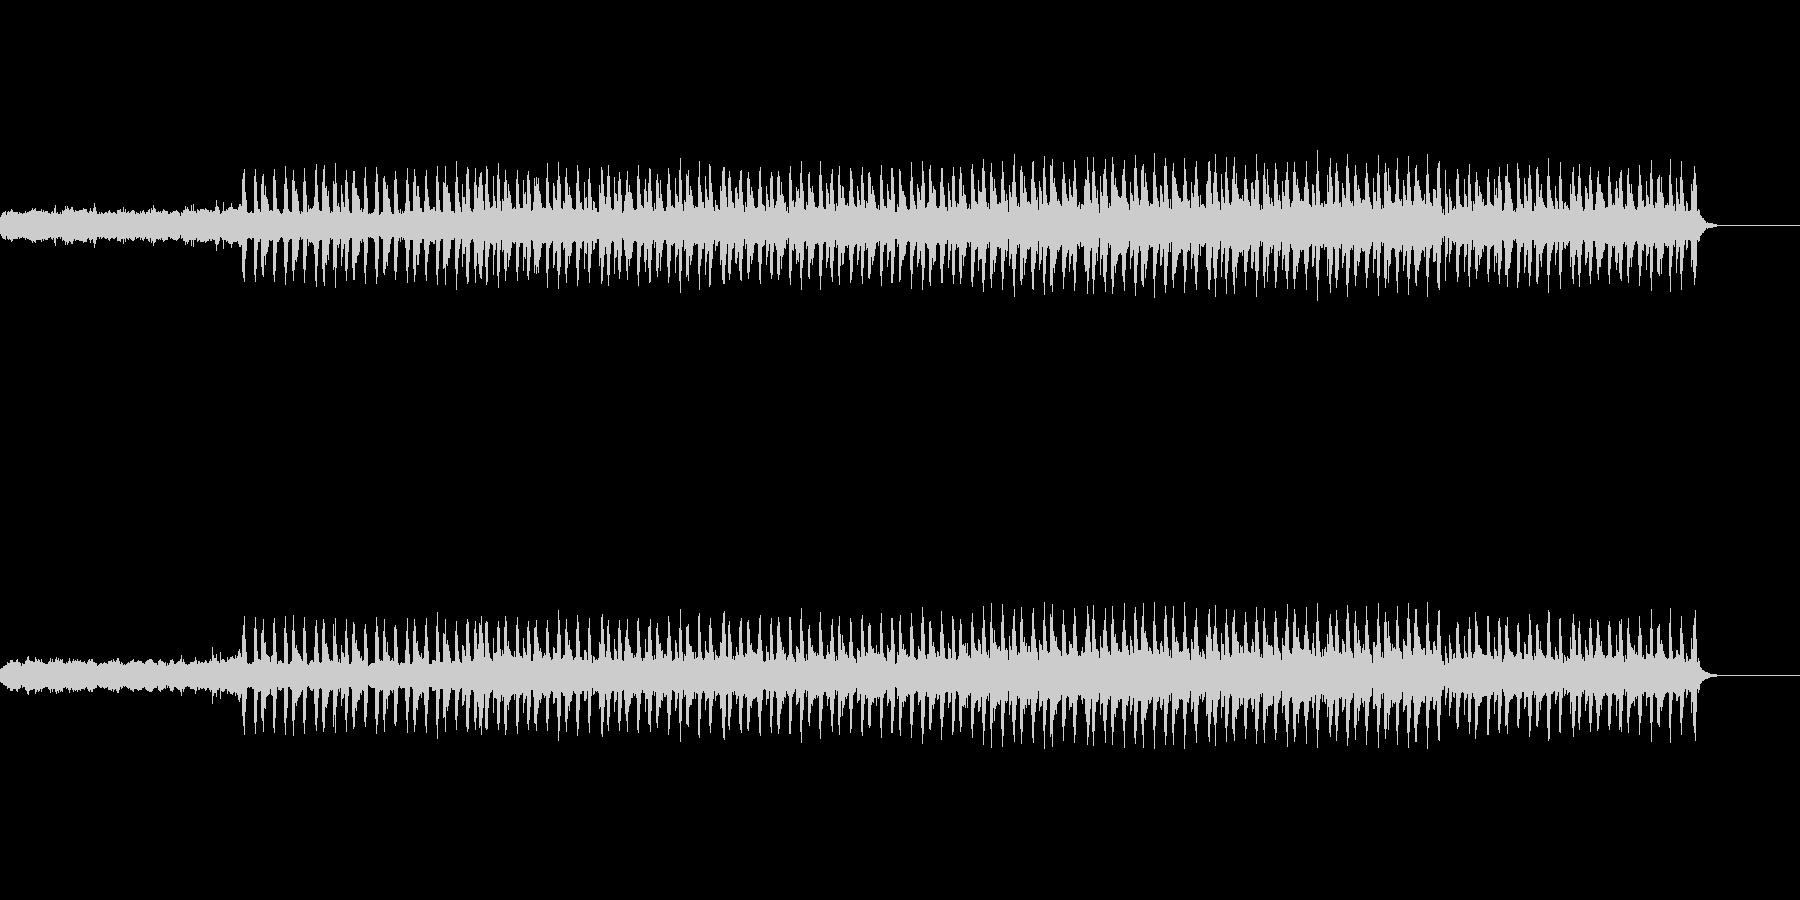 高速ビートジングル (DnB)の未再生の波形